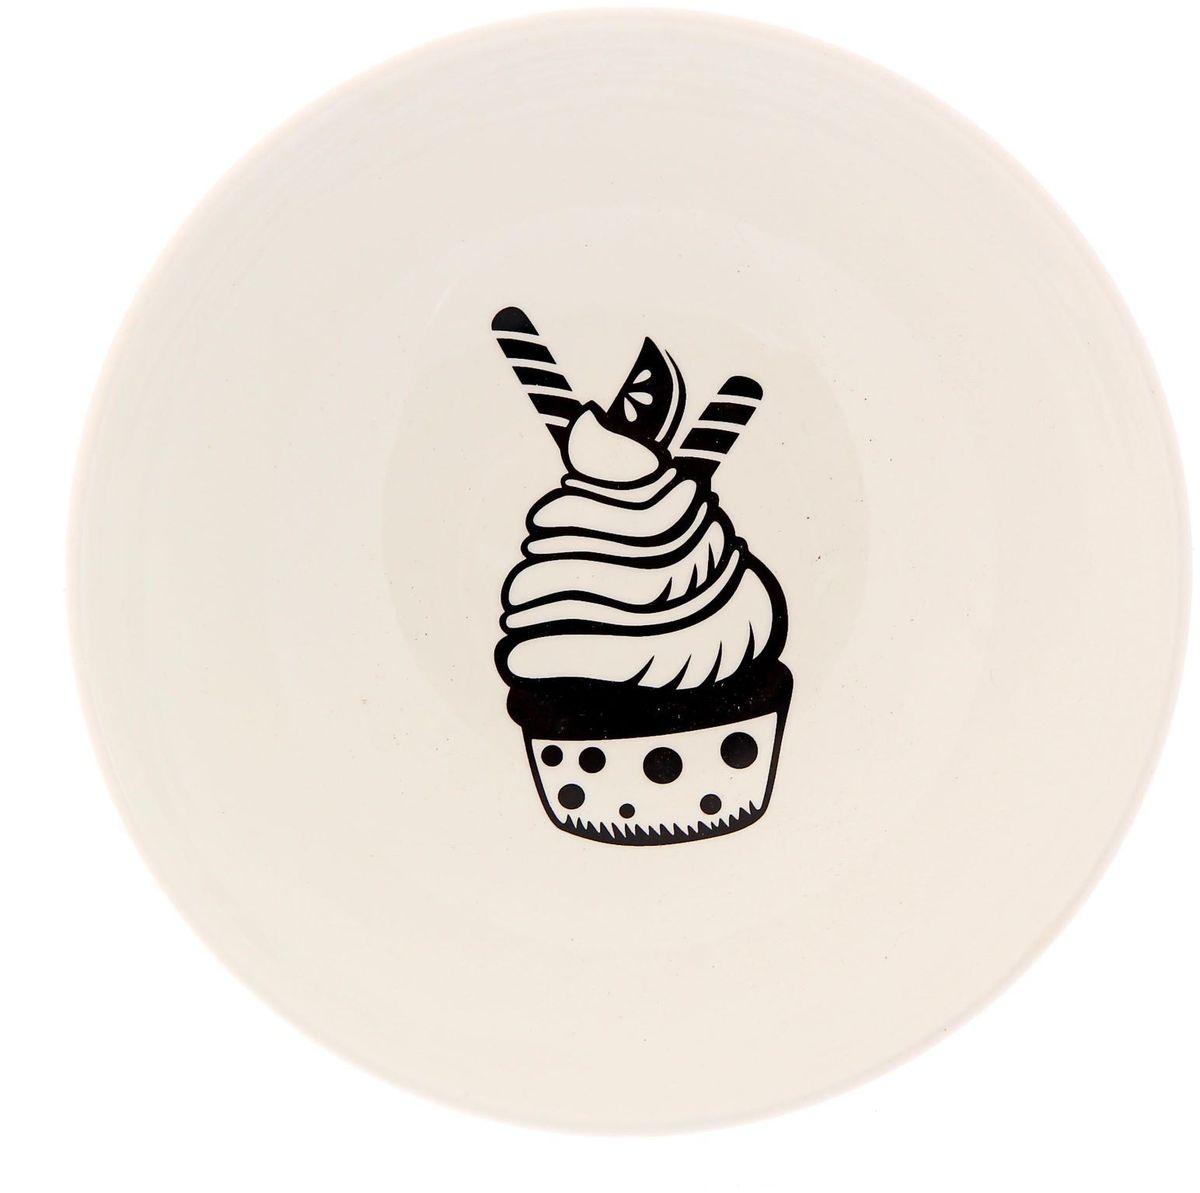 Салатник Сотвори чудо Маффин, диаметр 16,5 см2277847Изящный салатник Сотвори чудо изготовлен из фаянса. На дне салатника расположилась забавная картинка, нарисованная стойкой краской. Хотите обновить интерьер кухни или гостиной? Устраиваете необычную фотосессию или тематический праздник? А может, просто ищете подарок для близкого человека? Можно использовать в посудомоечных машинах. Диаметр по верхнему краю: 16,5 см.